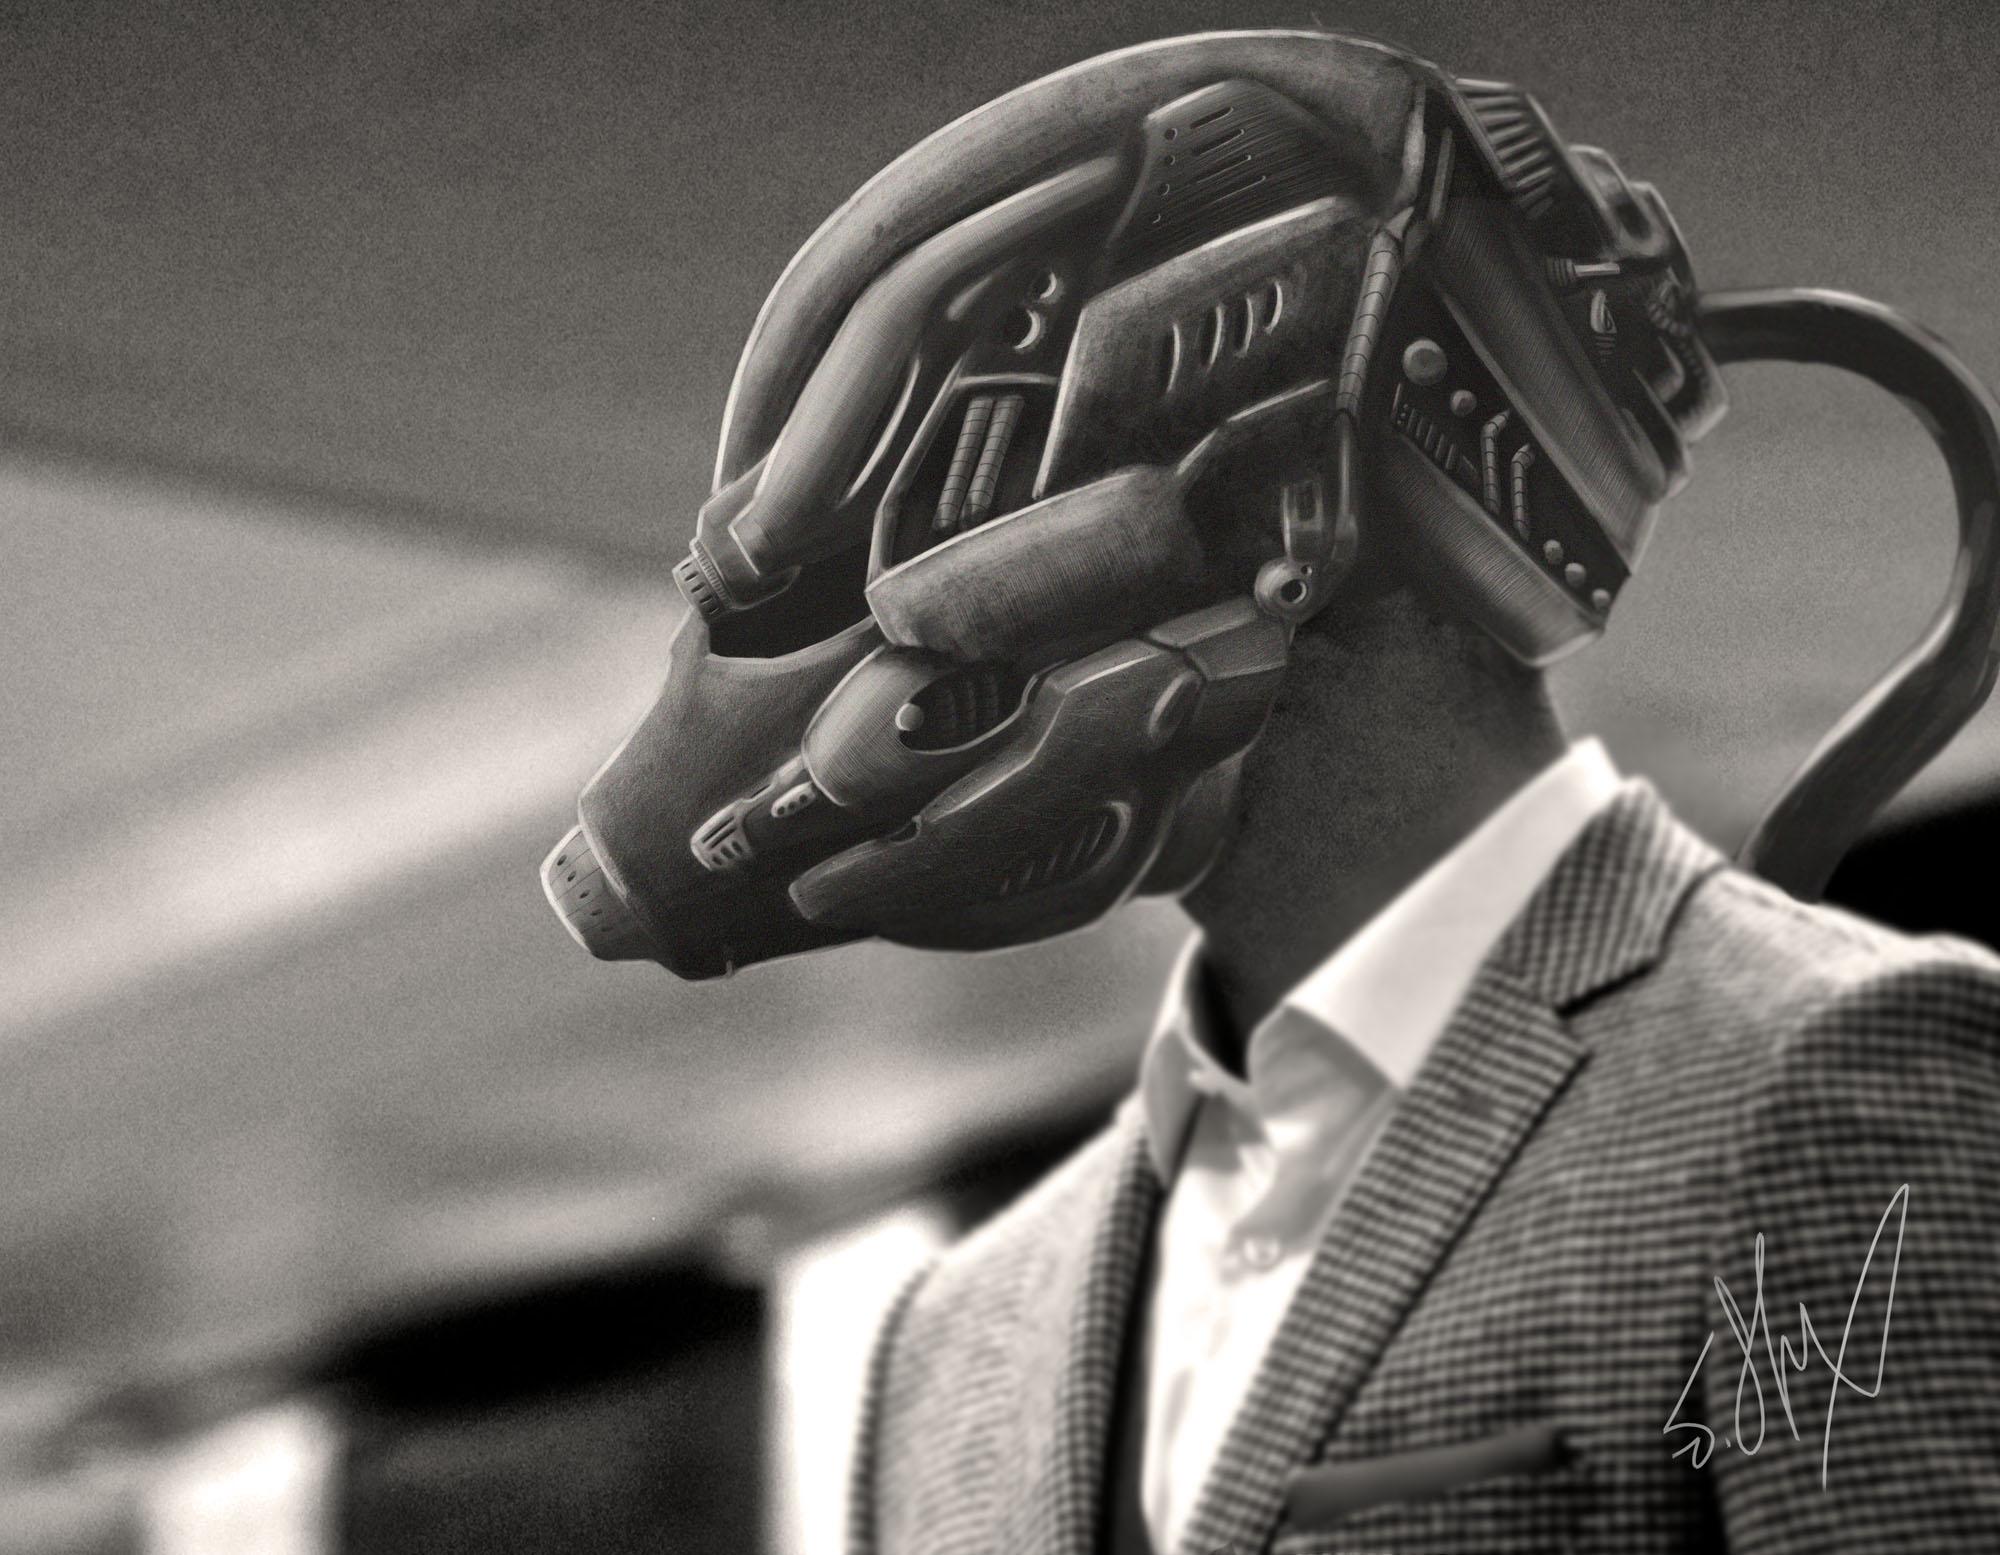 Helmet Concept art by JStix